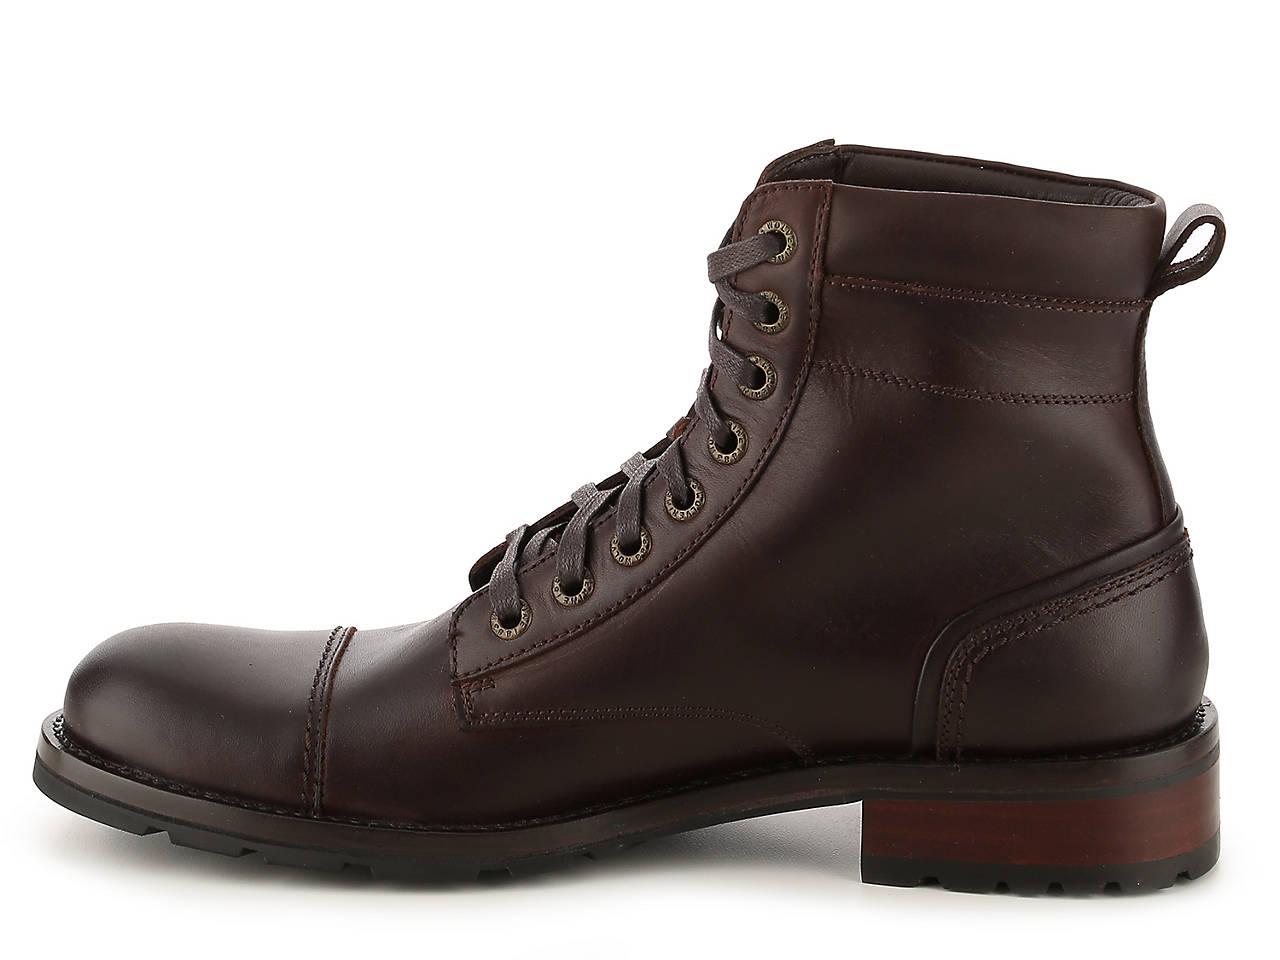 575a3880da1 Reese Cap Toe Boot